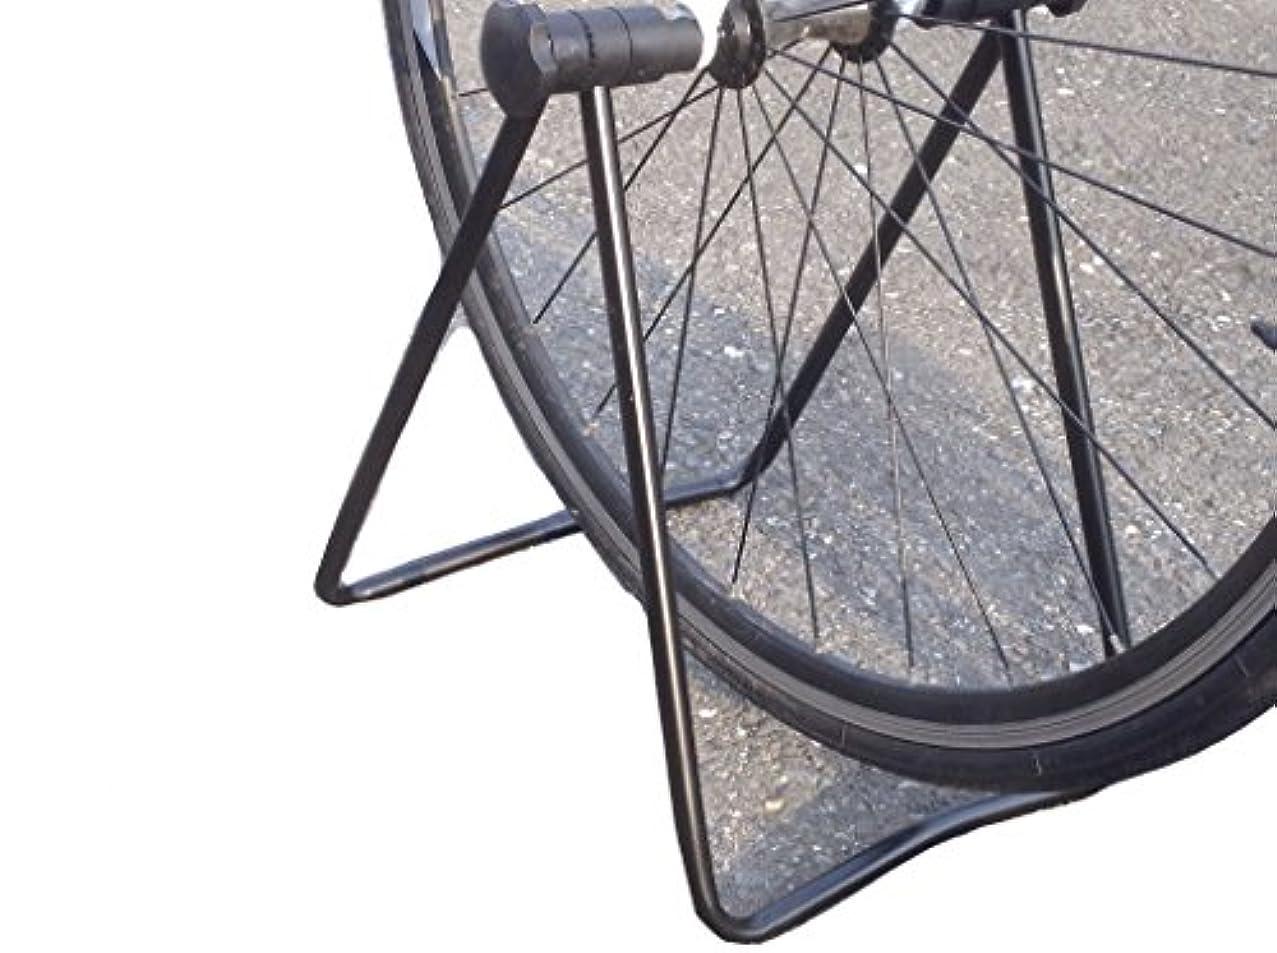 登場首ビジョンロードバイク クロスバイク用 保管 ディスプレイスタンド